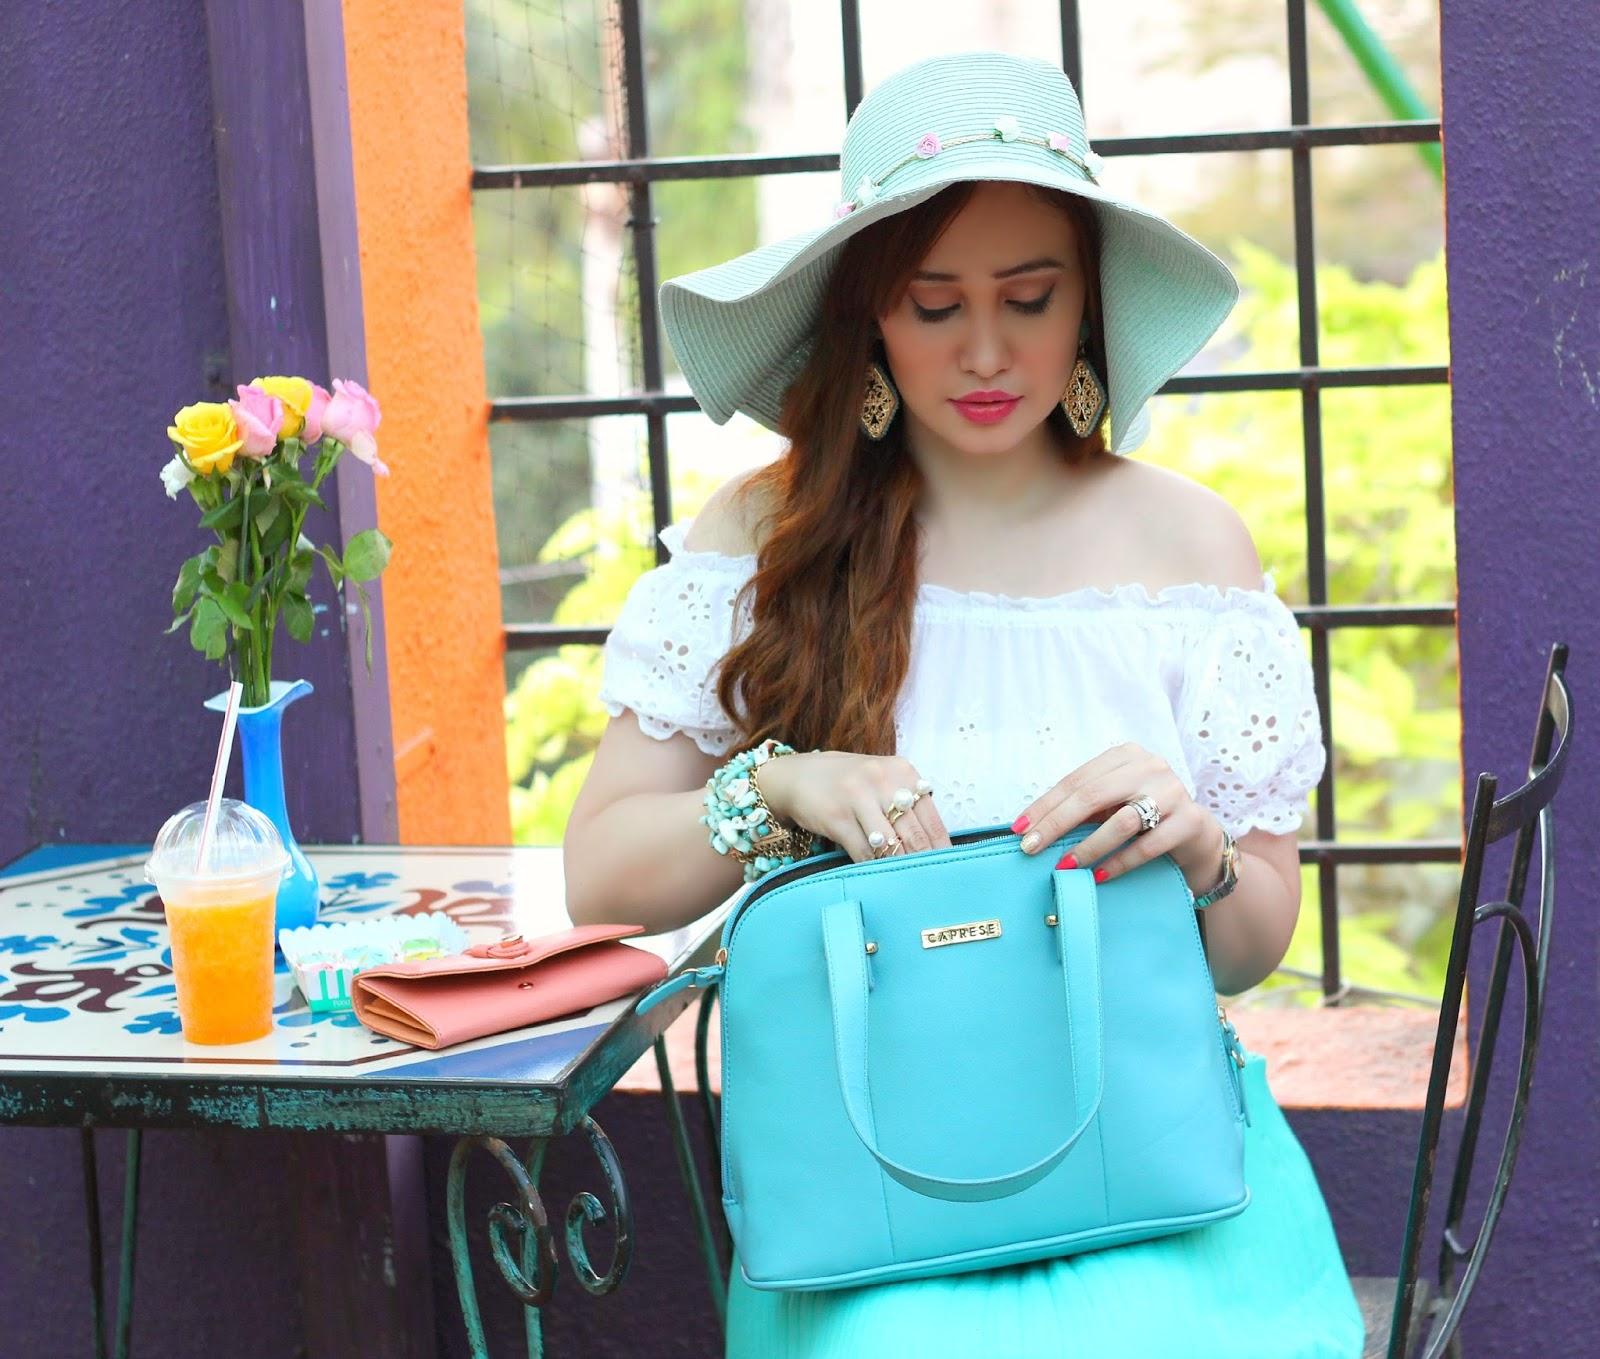 Caprese Zeta Satchel Medium in Light Blue, Sun Hat, Crop Top